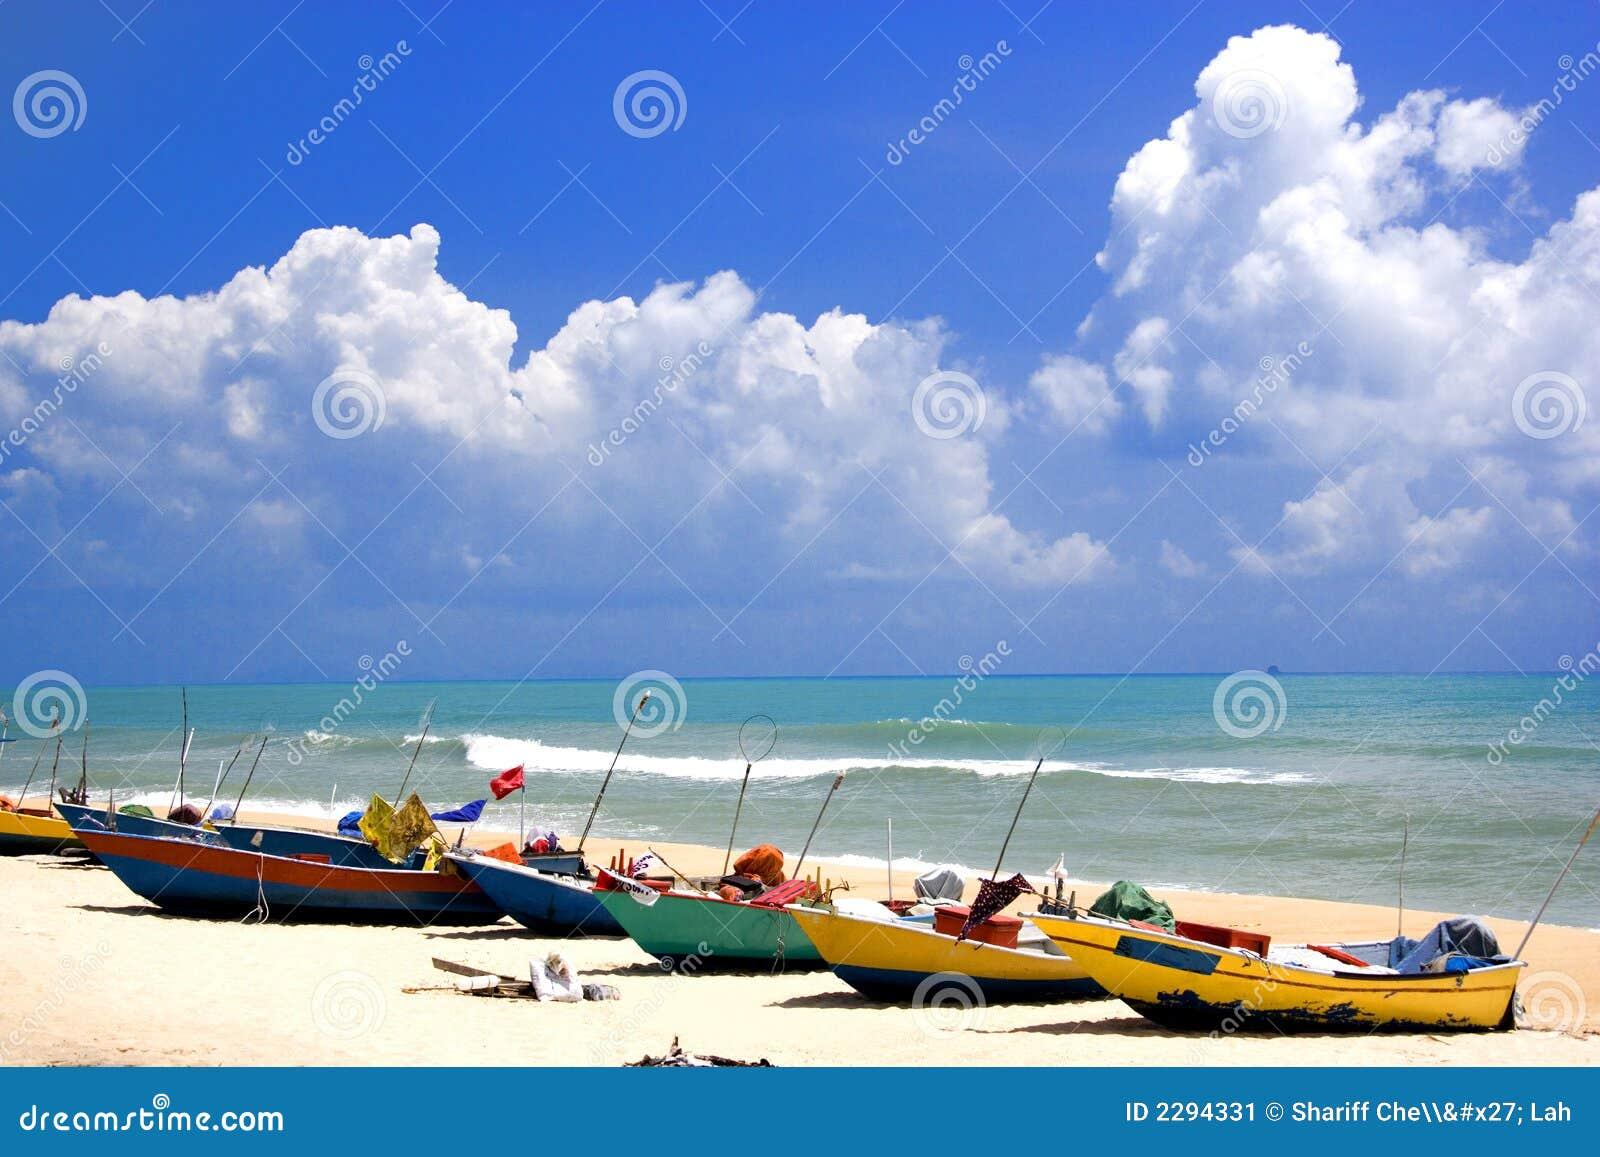 Ocean Shores Boat Tour